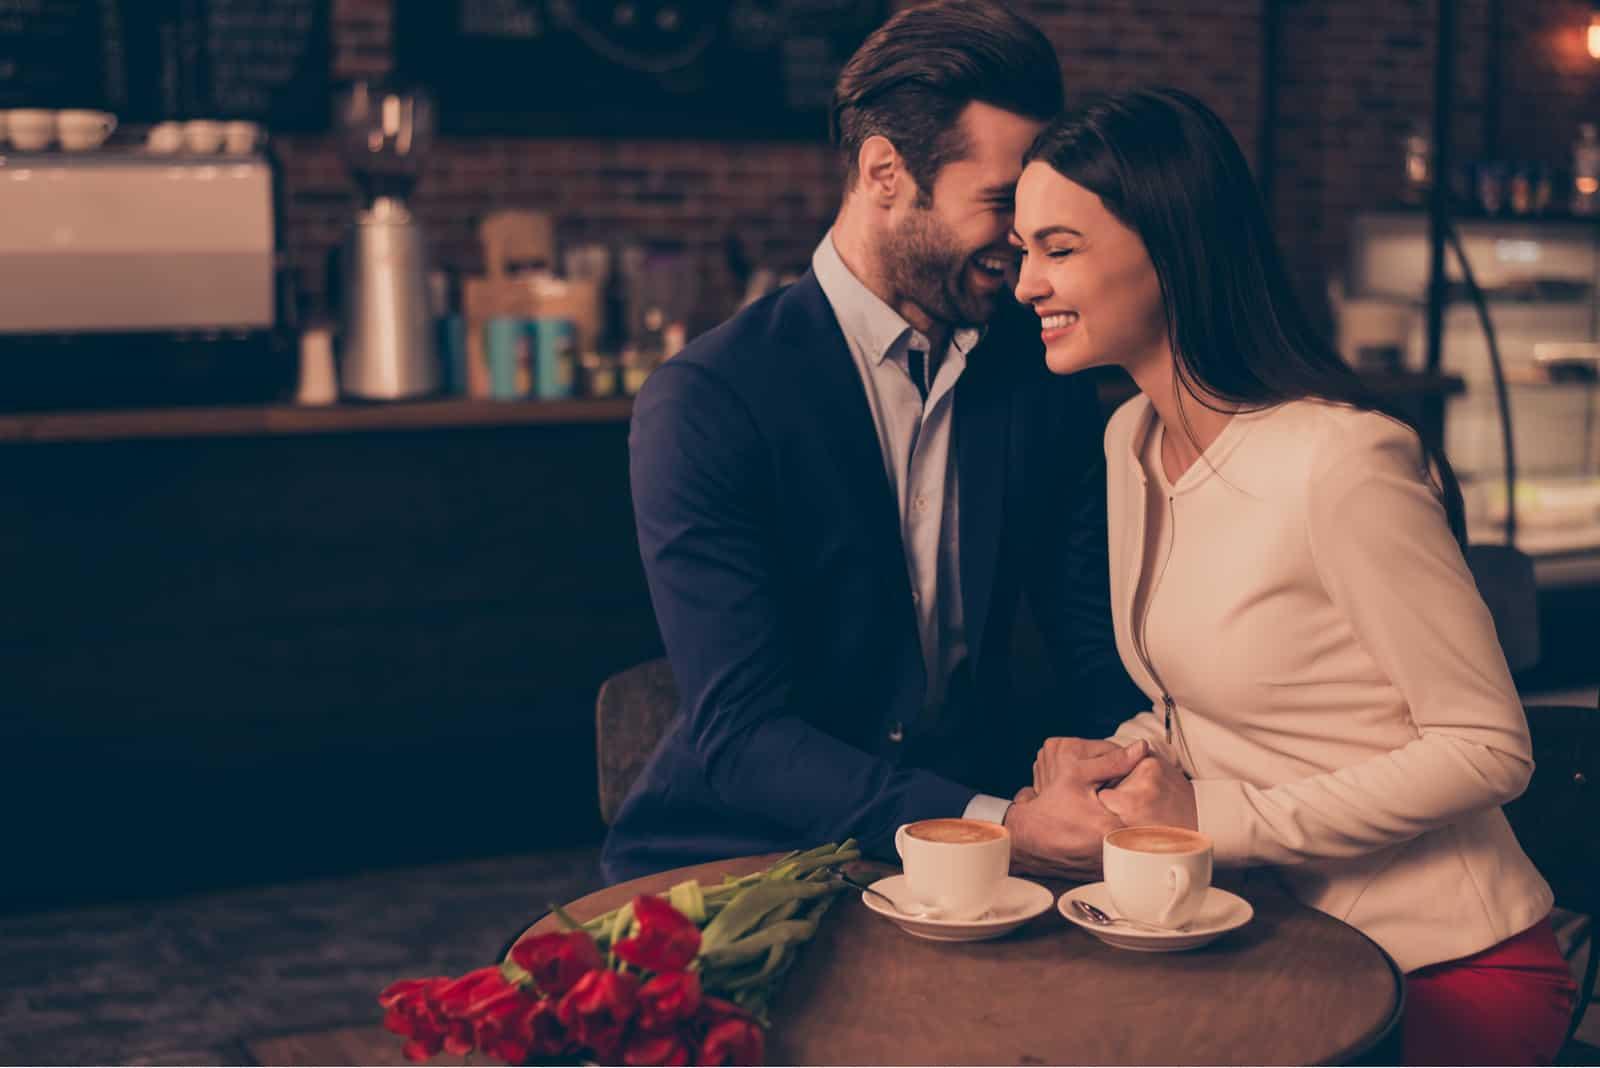 un homme souriant a serré la femme dans ses bras et lui a chuchoté à l'oreille